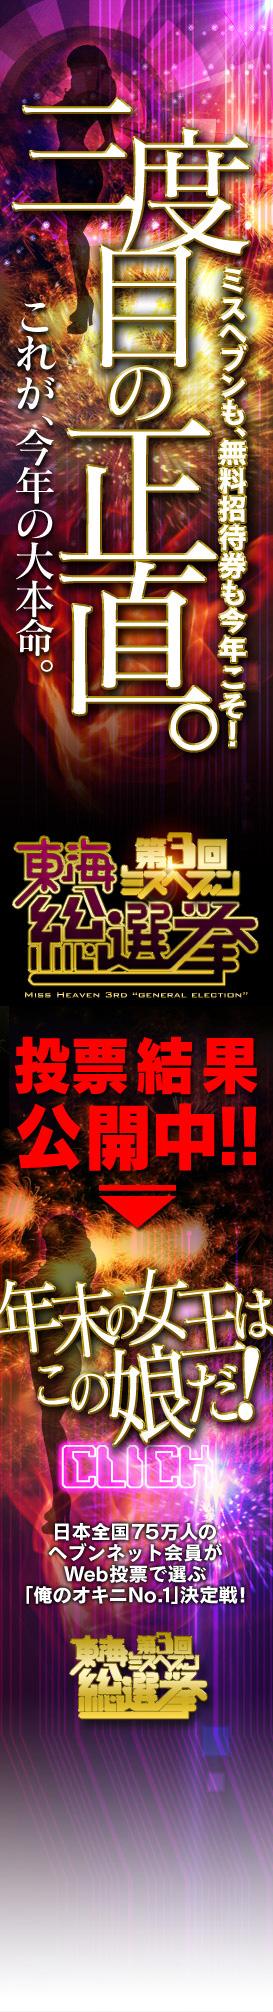 ①右 東海ミスヘブン総選挙2015_エリアトップ ヘブンジャックバナー